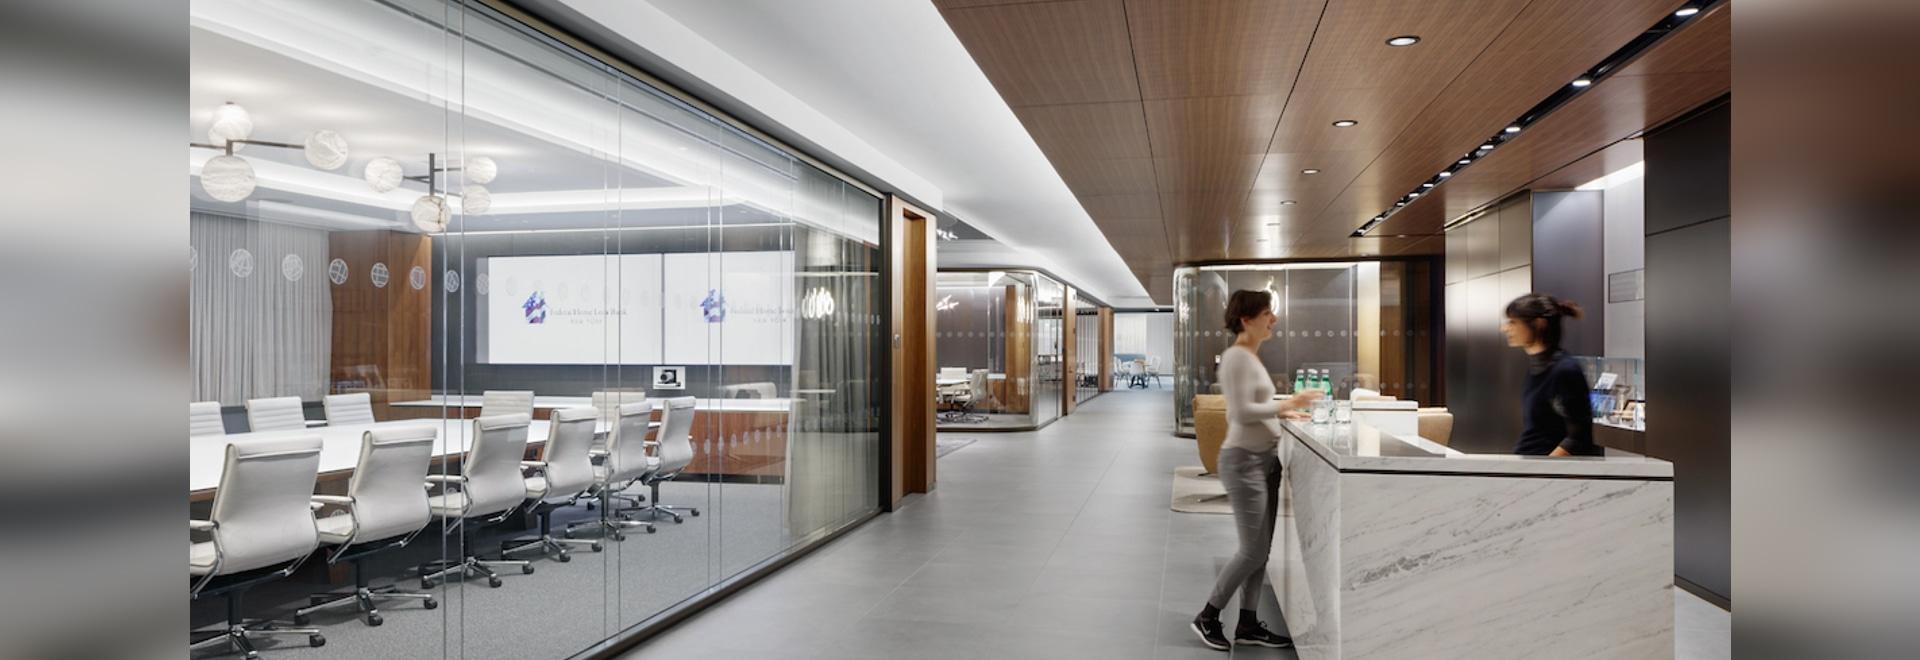 Die eingebaute Nussbaumdecke erzeugt eine warme Besucheratmosphäre im Eingangsbereich. Foto: Colin Miller